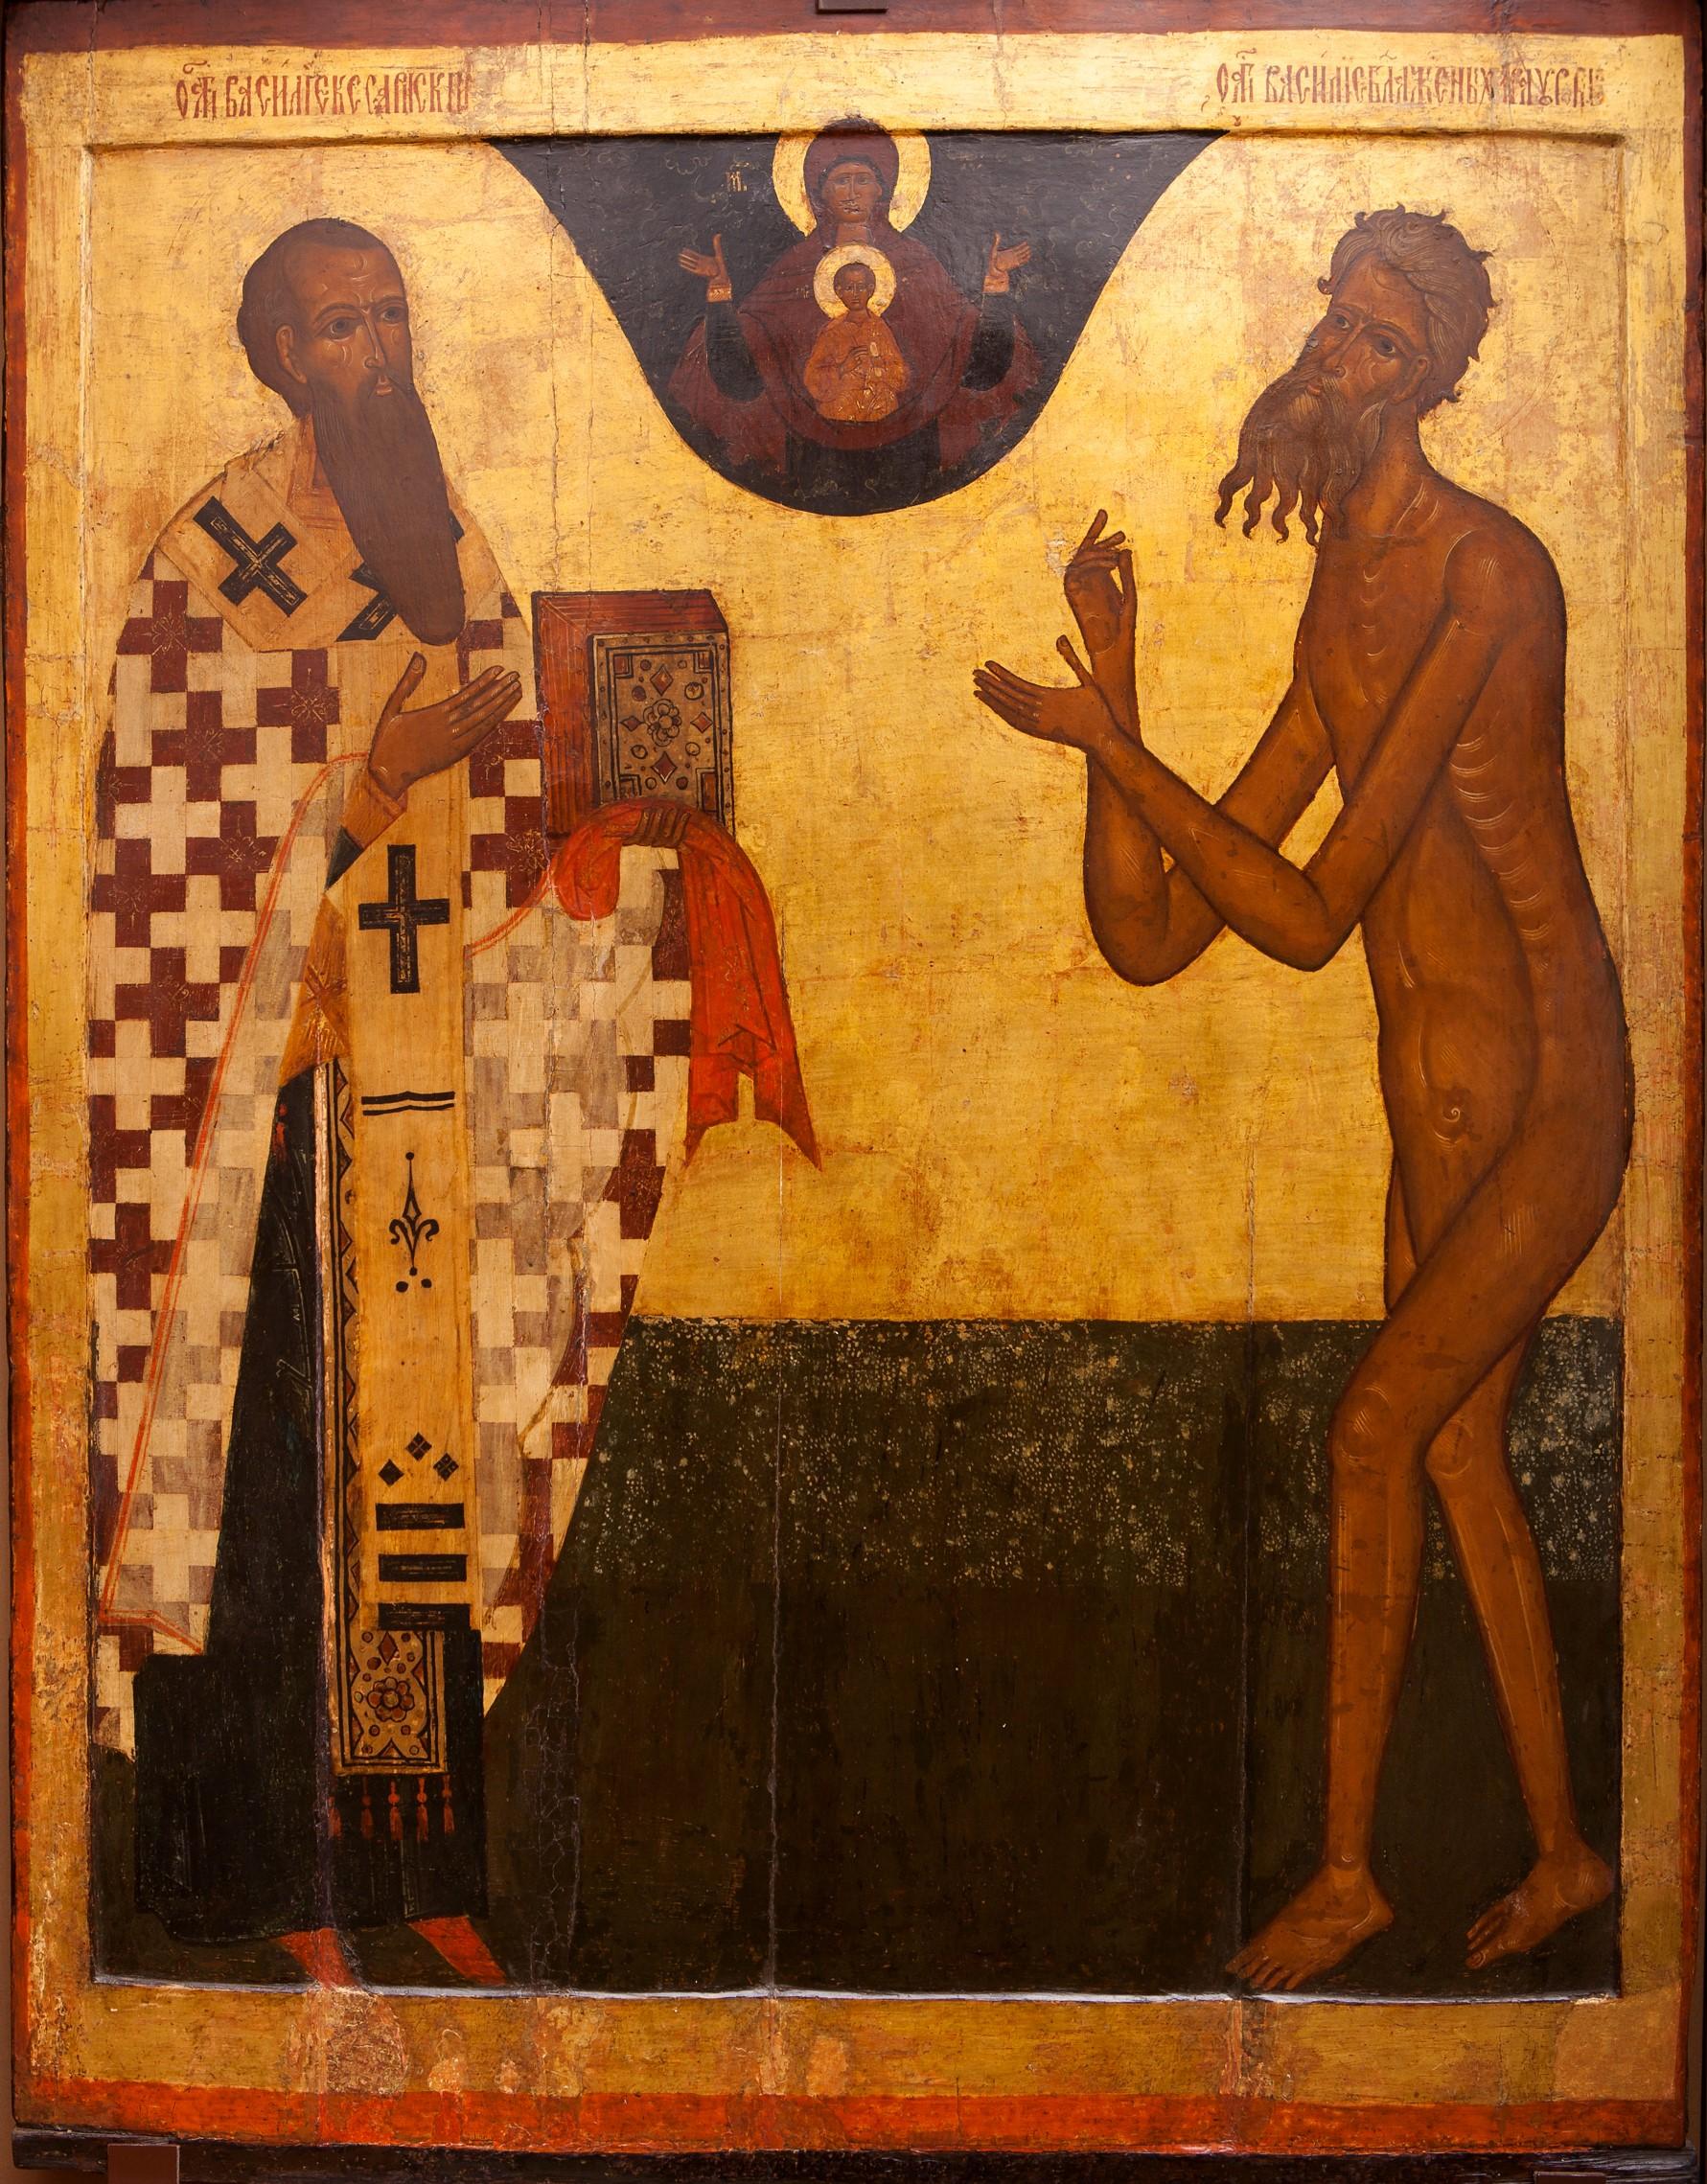 икона «Святой Василий Великий и святой Василий Блаженный». Конец XVI – начало XVII в.